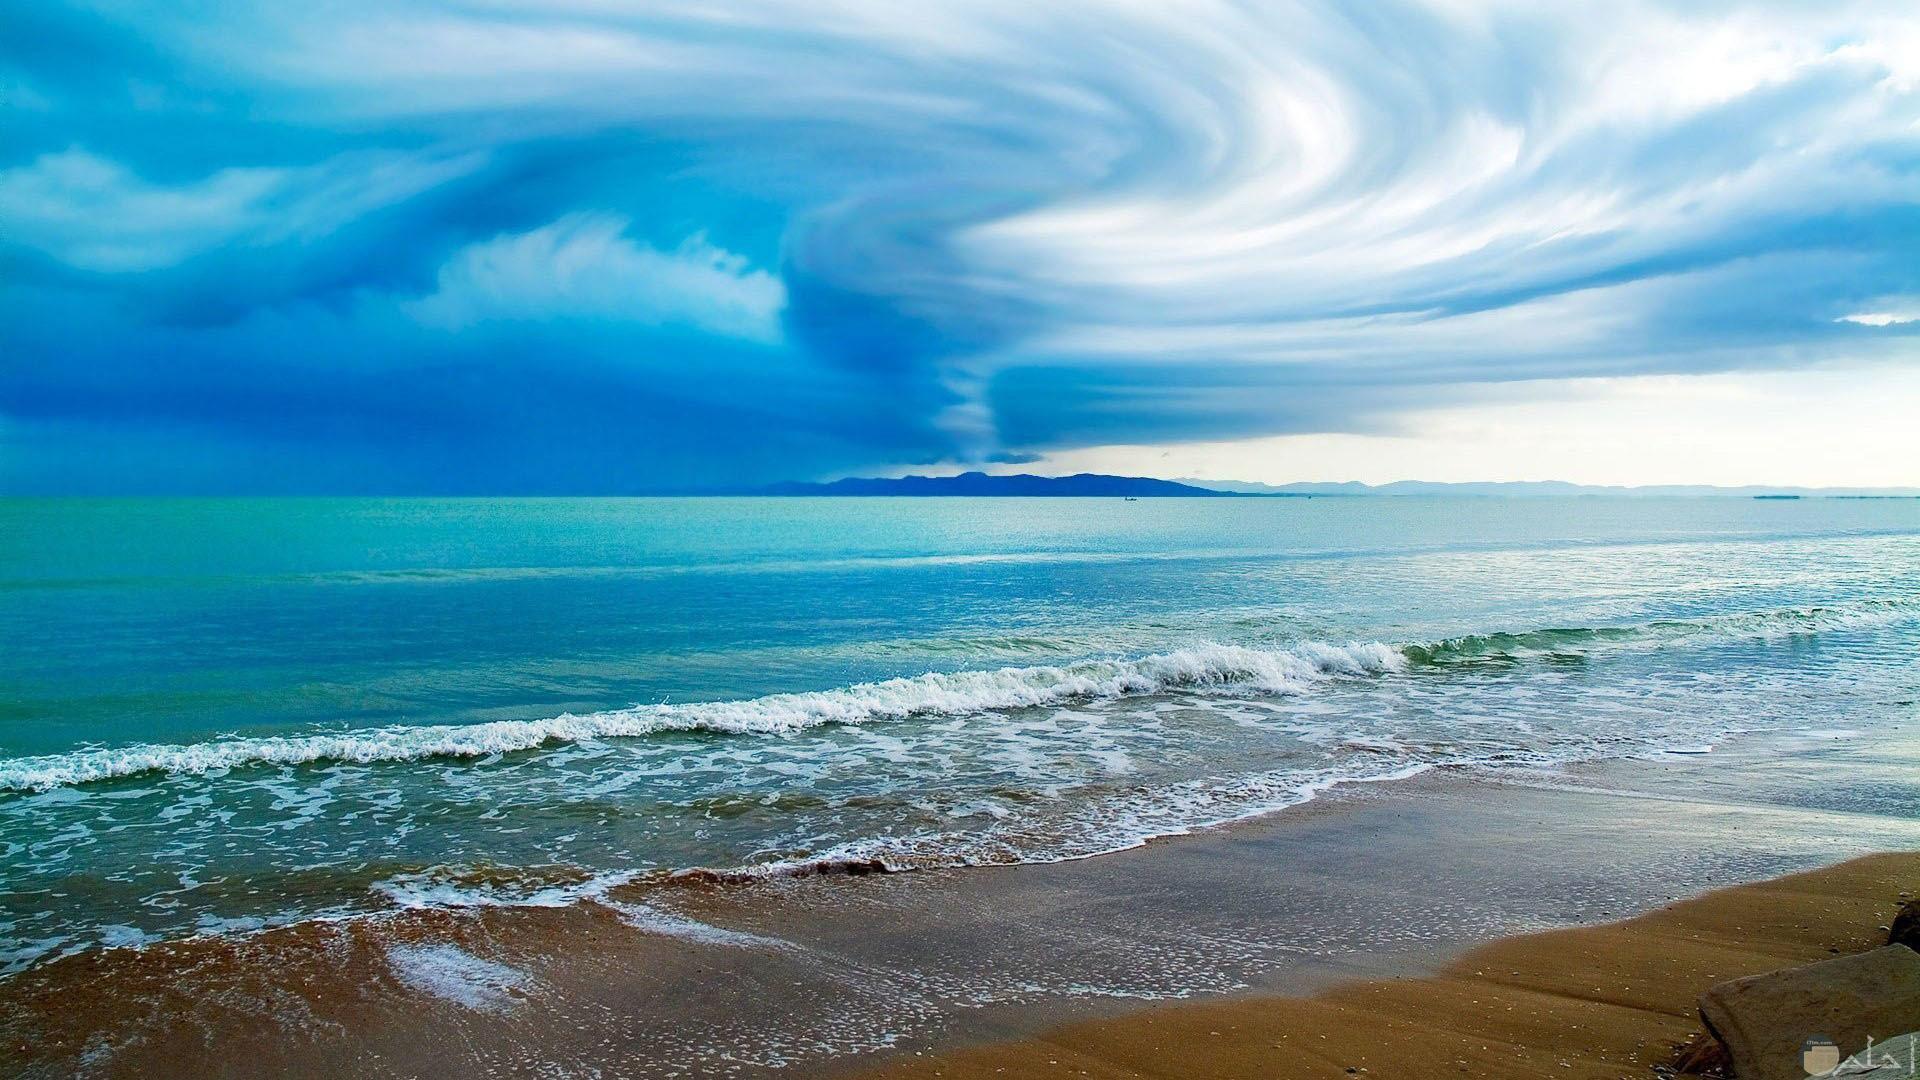 صور بحر رائعة